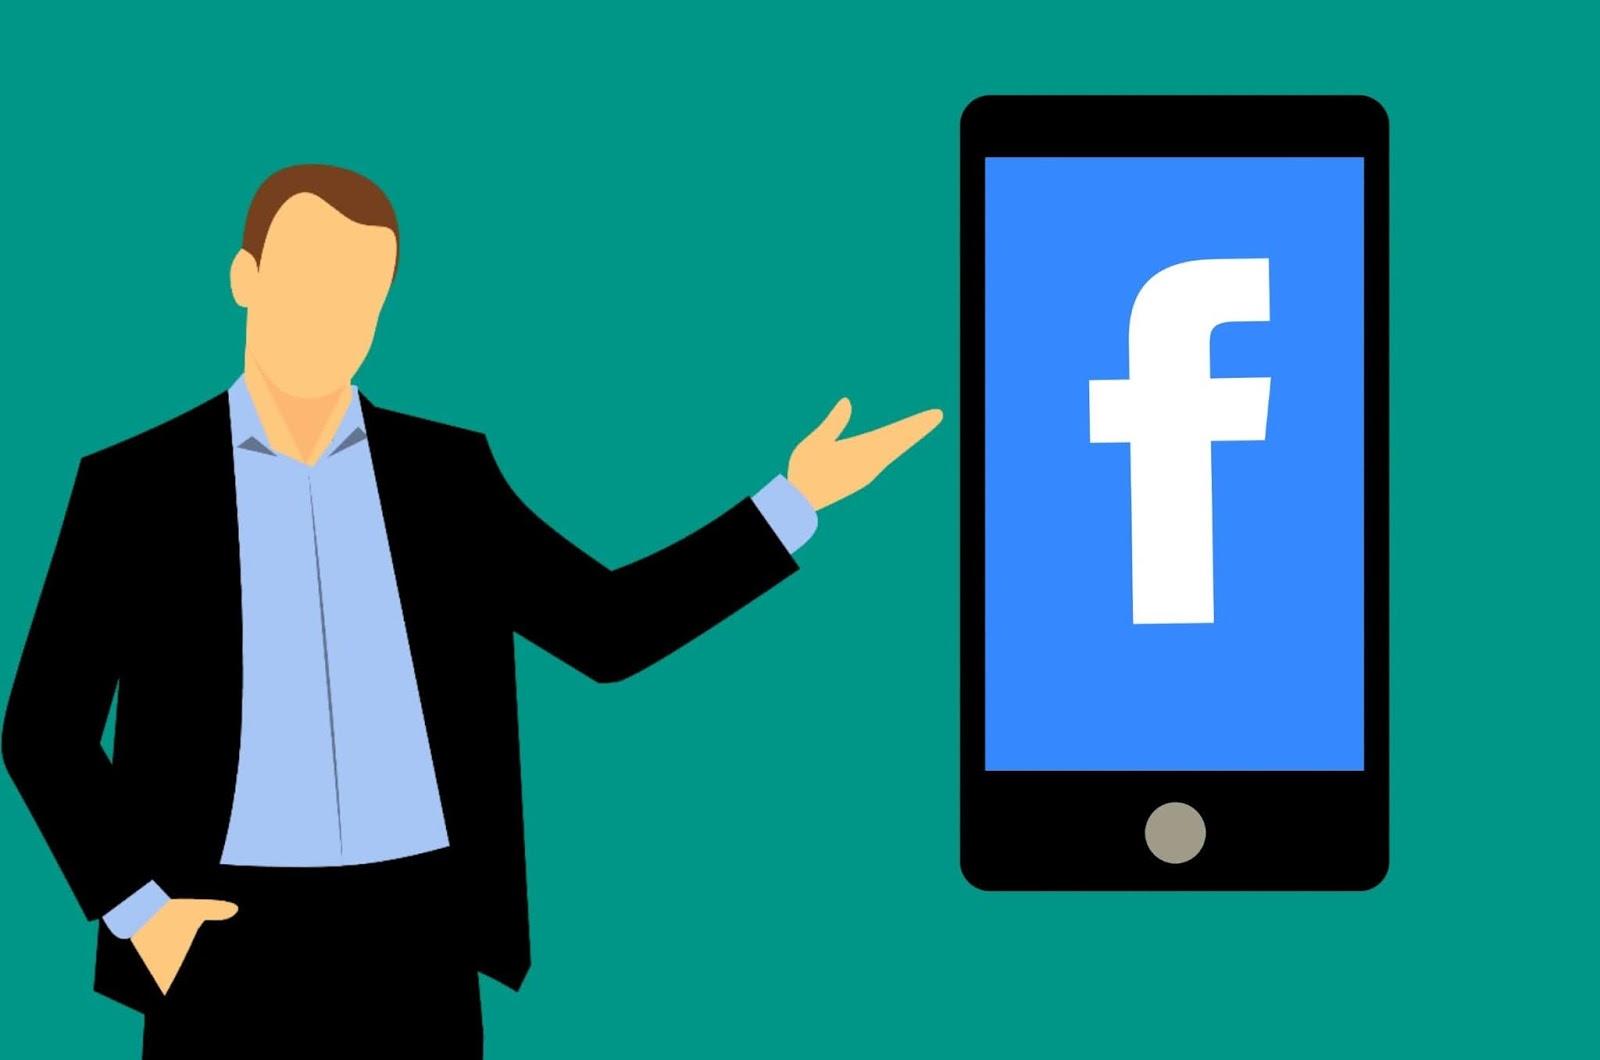 Smartwatch Facebook Dapat Dibayar $400, Menanamkan Dua Kamera Di Layar